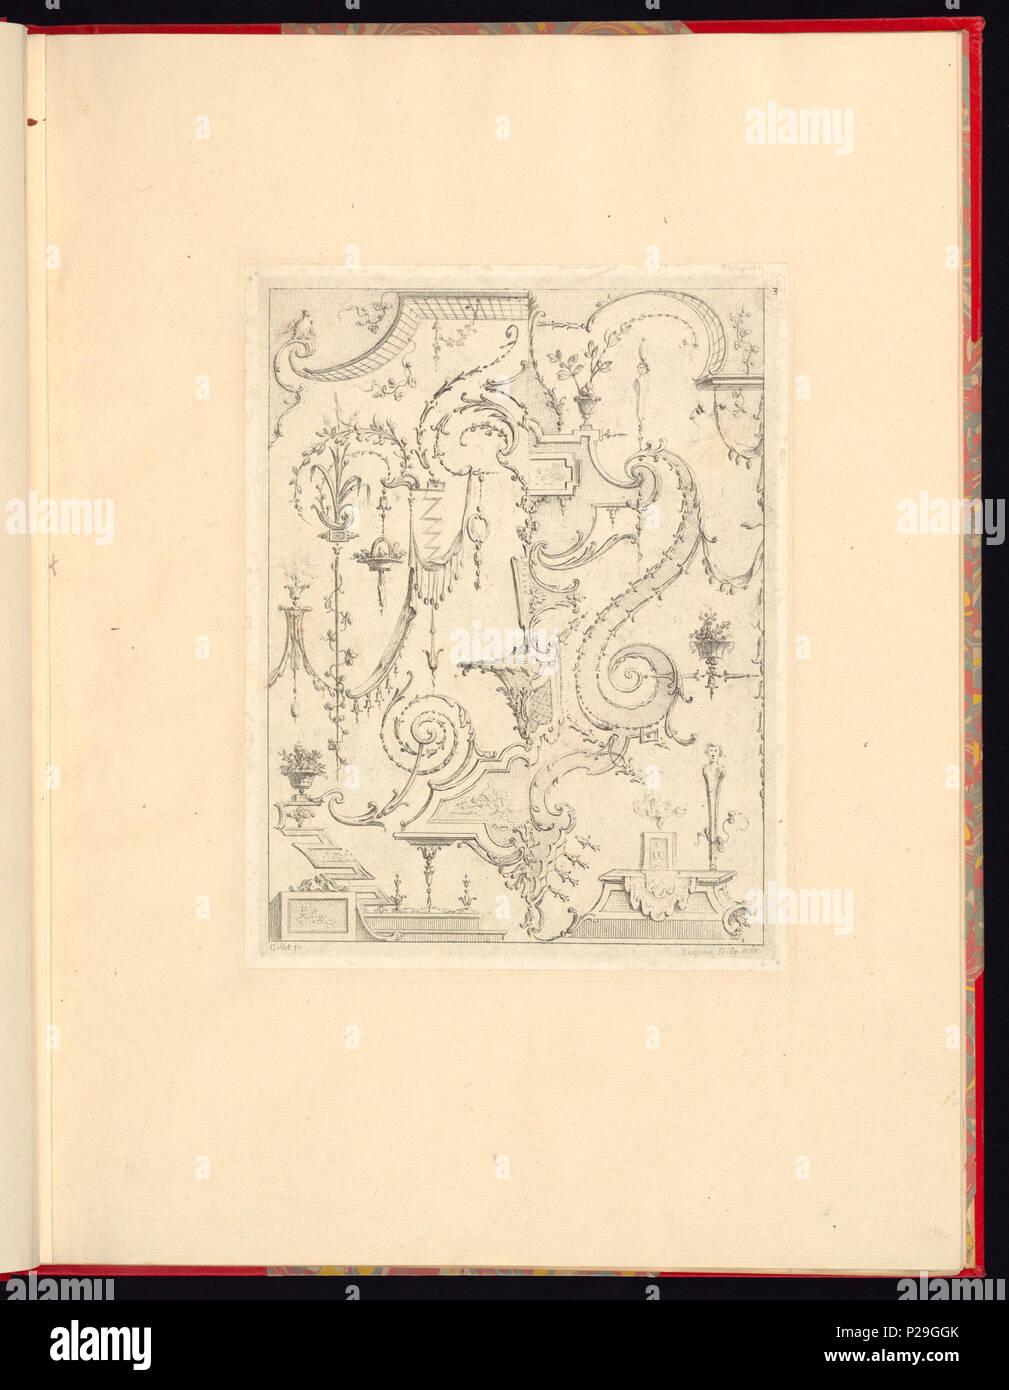 268 Imprimir, Nouveau livre de principes d'ornements particulièrement pour trouver ONU nombre infini de tormes qui dependiente, d'après les dessins de Gillot. Peintre du Roy gravé par Huquier; pl. 3 (CH) 18272745 Foto de stock